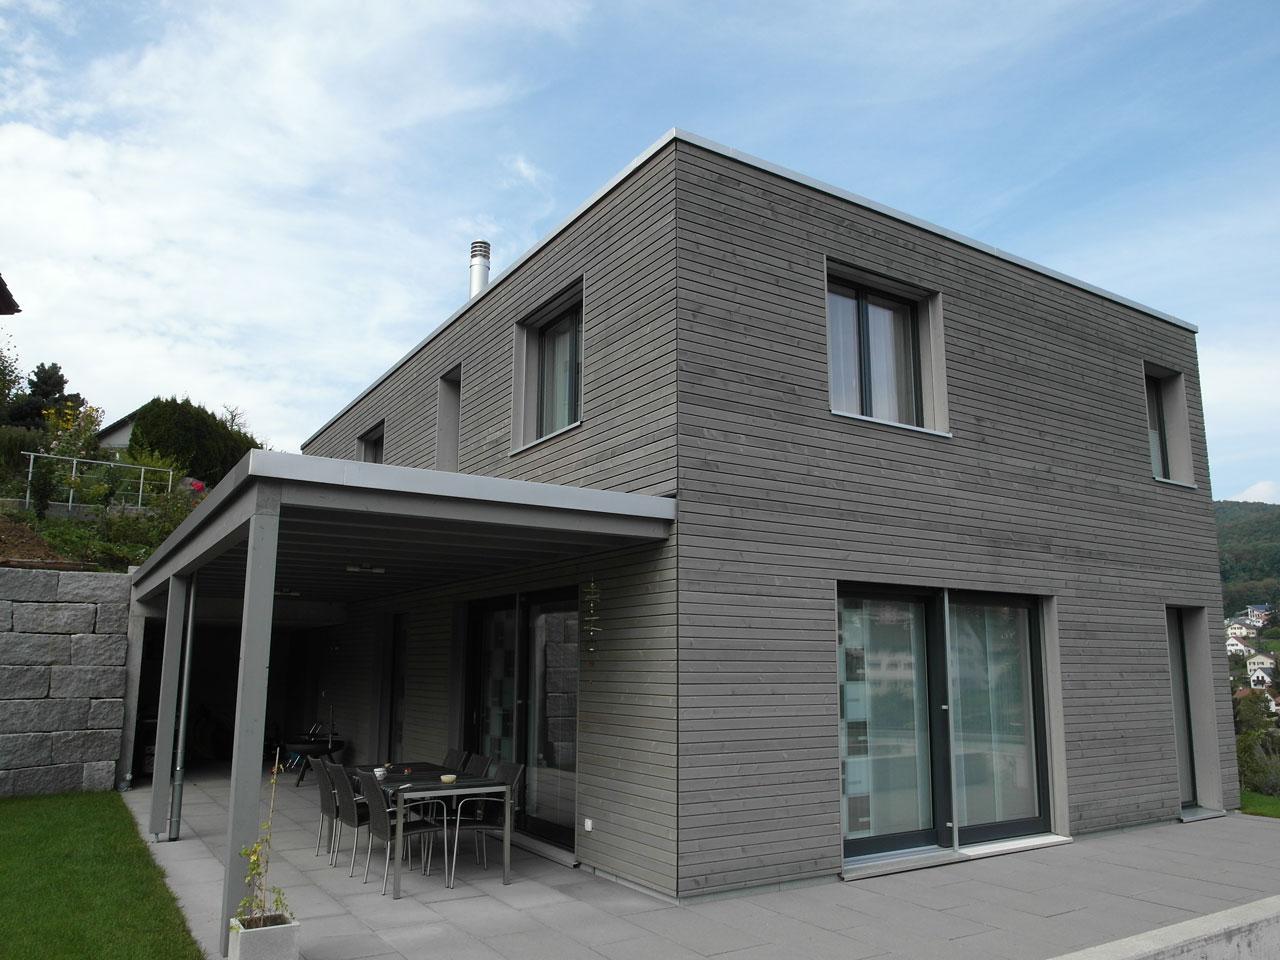 eichholzer architekten titterten bauten. Black Bedroom Furniture Sets. Home Design Ideas